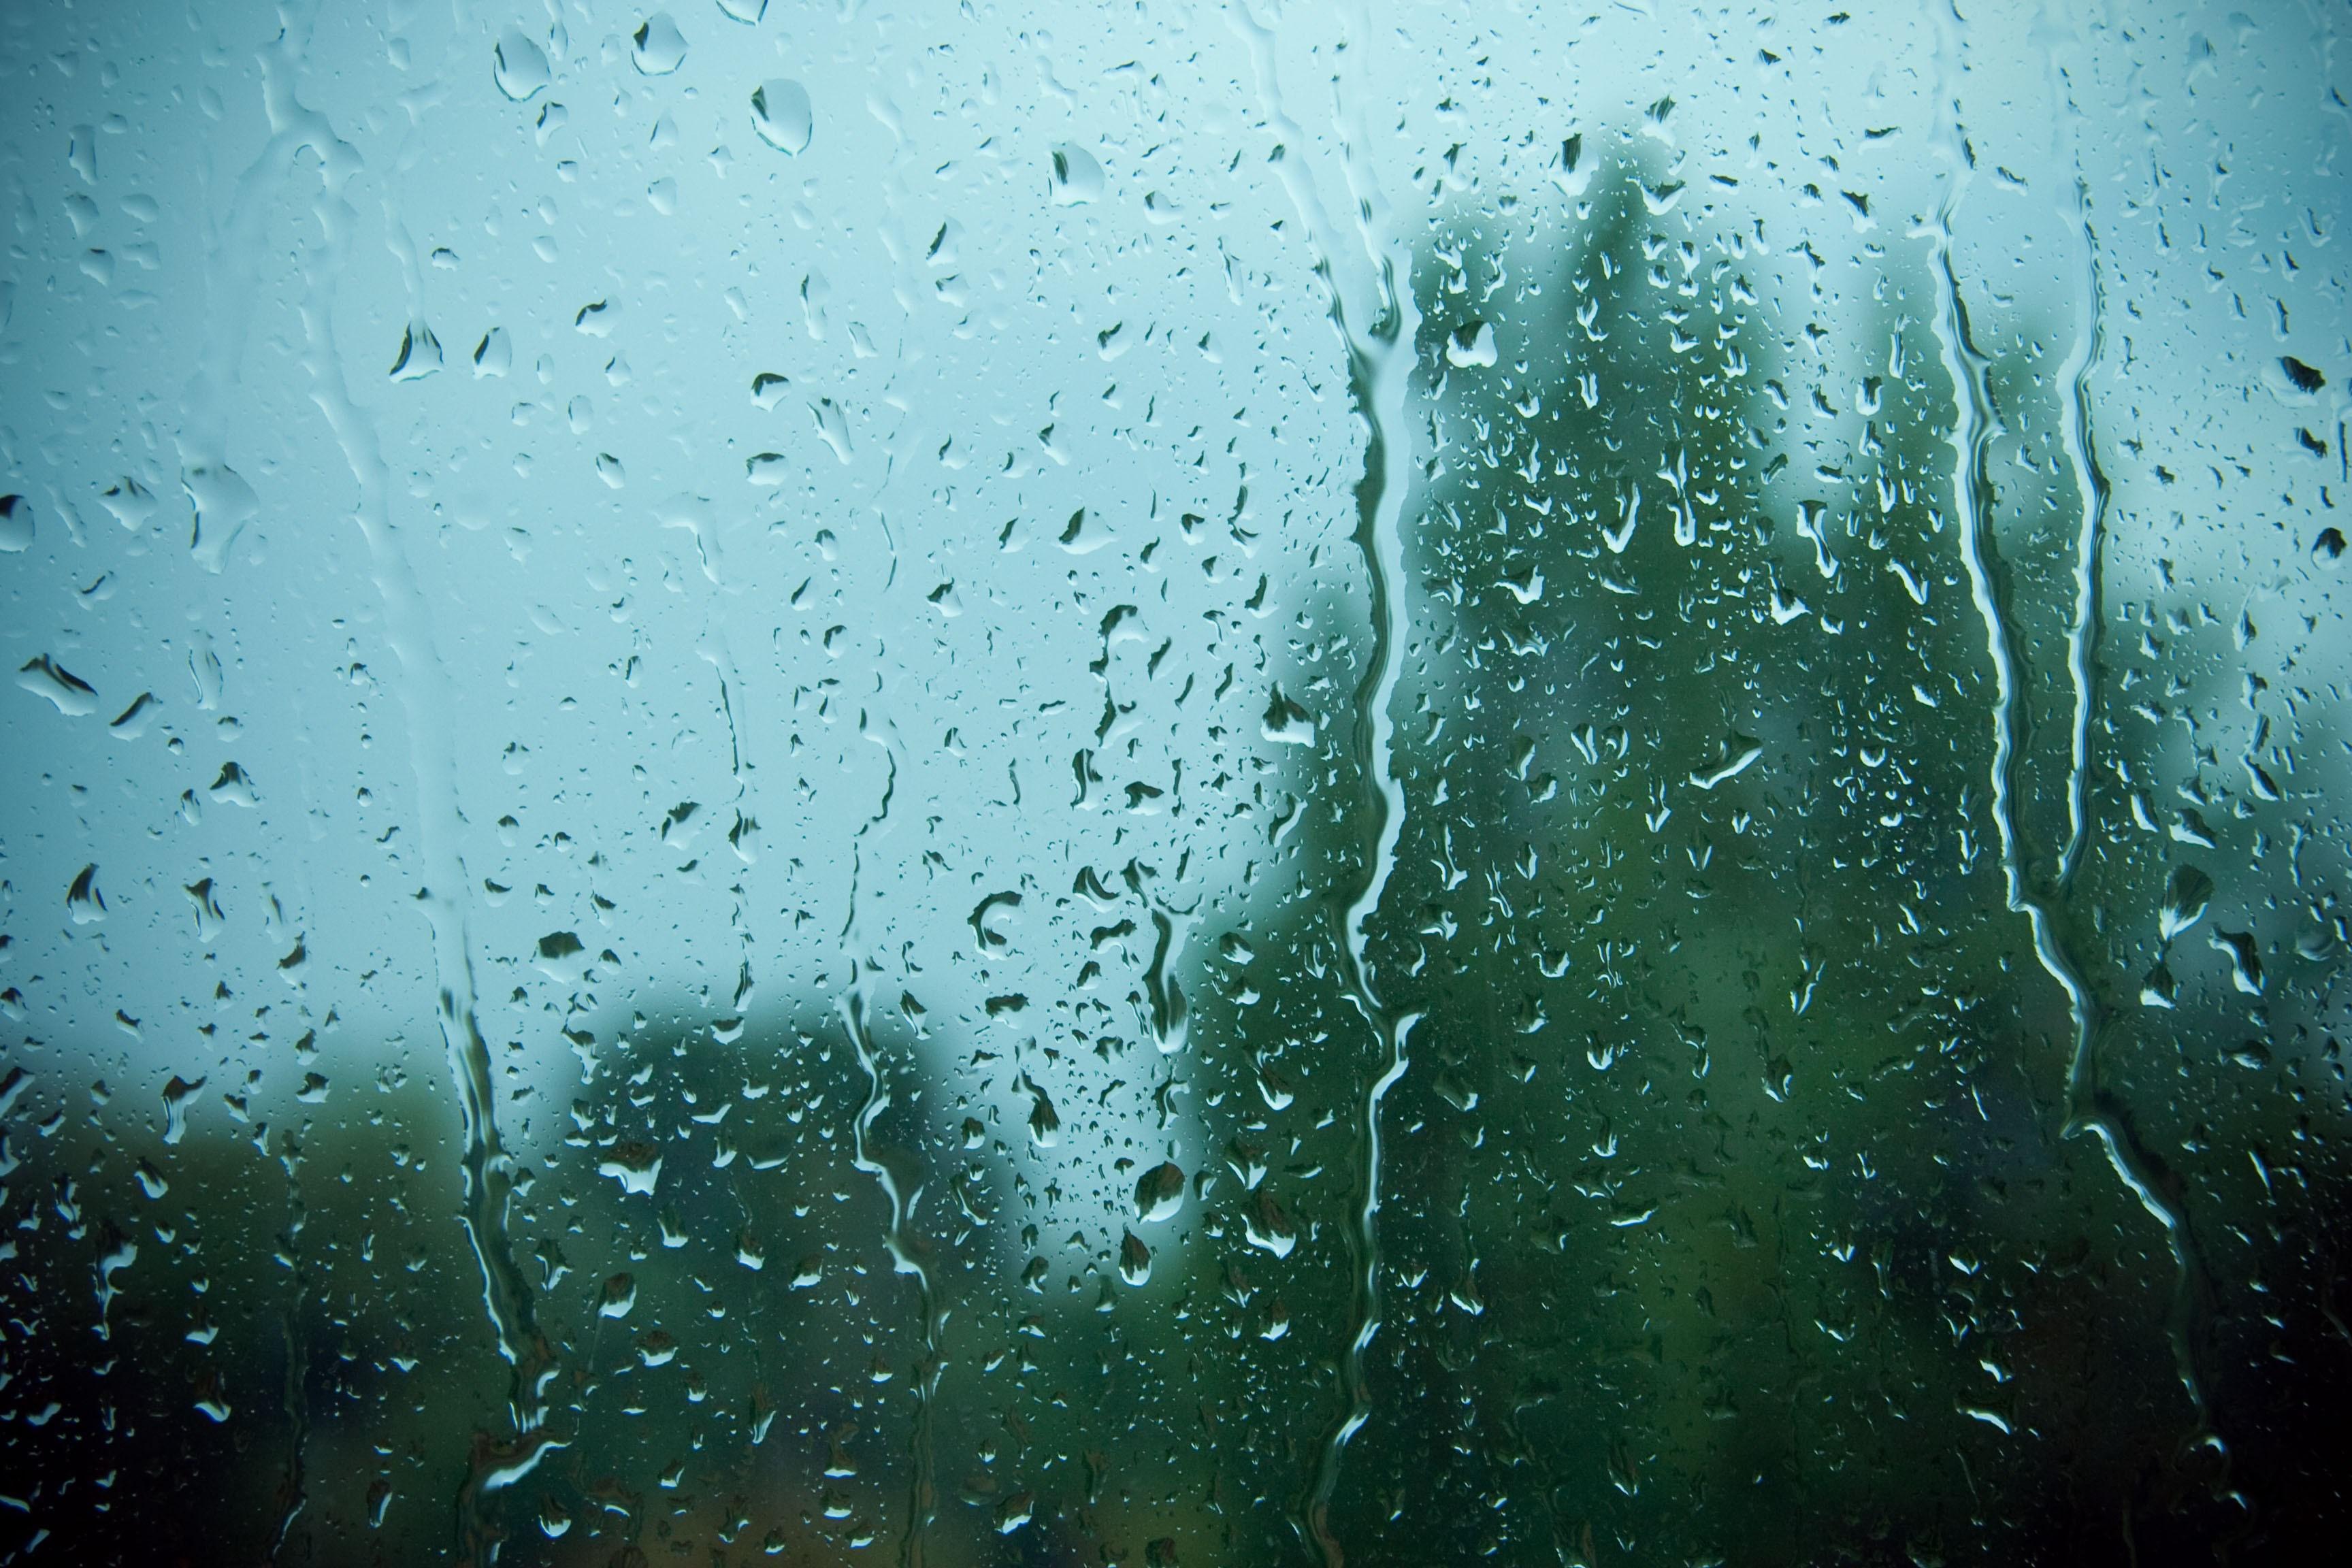 rain-pack-1080p-hd-wallpaper-wpc5801280